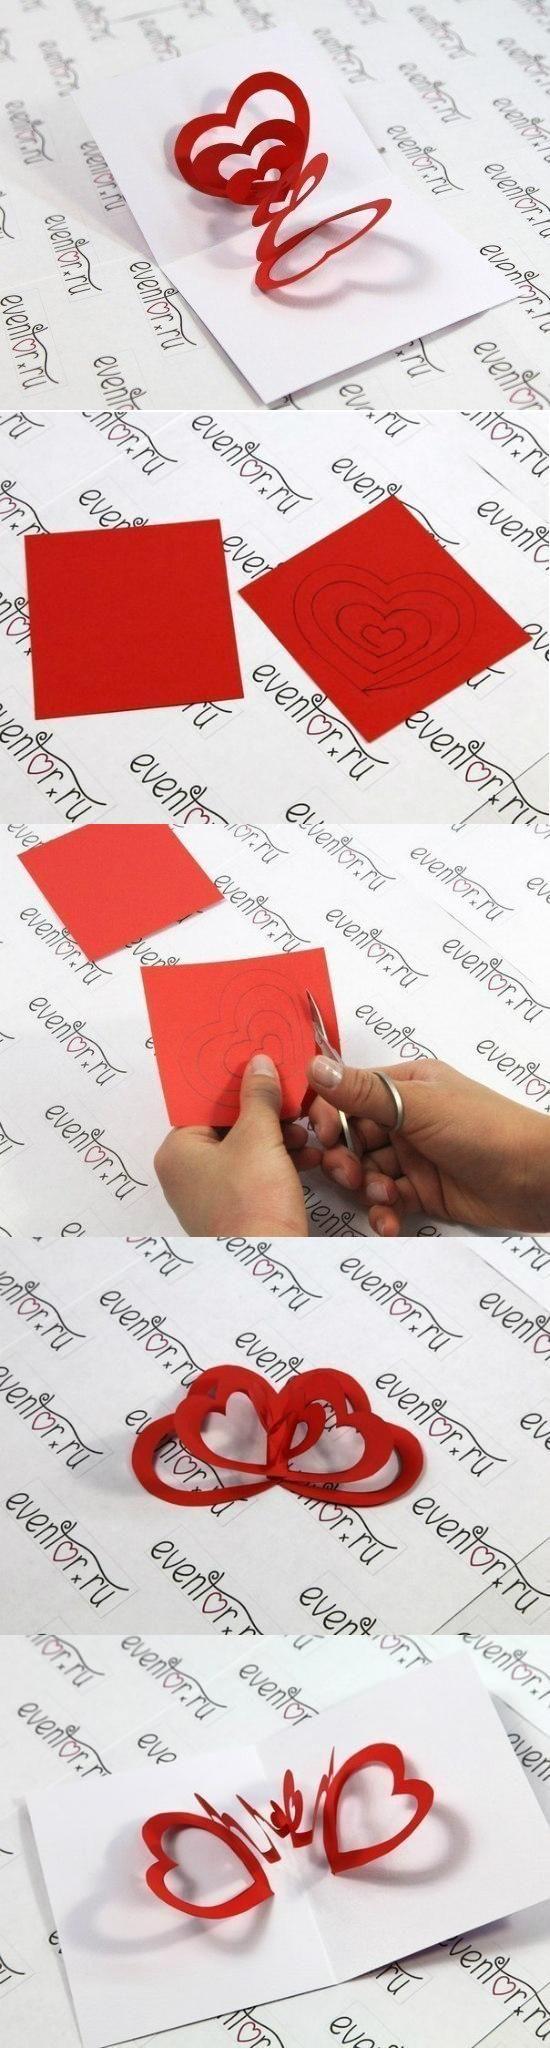 3 ideas para San Valentín hechas con papel                                                                                                                                                      Más